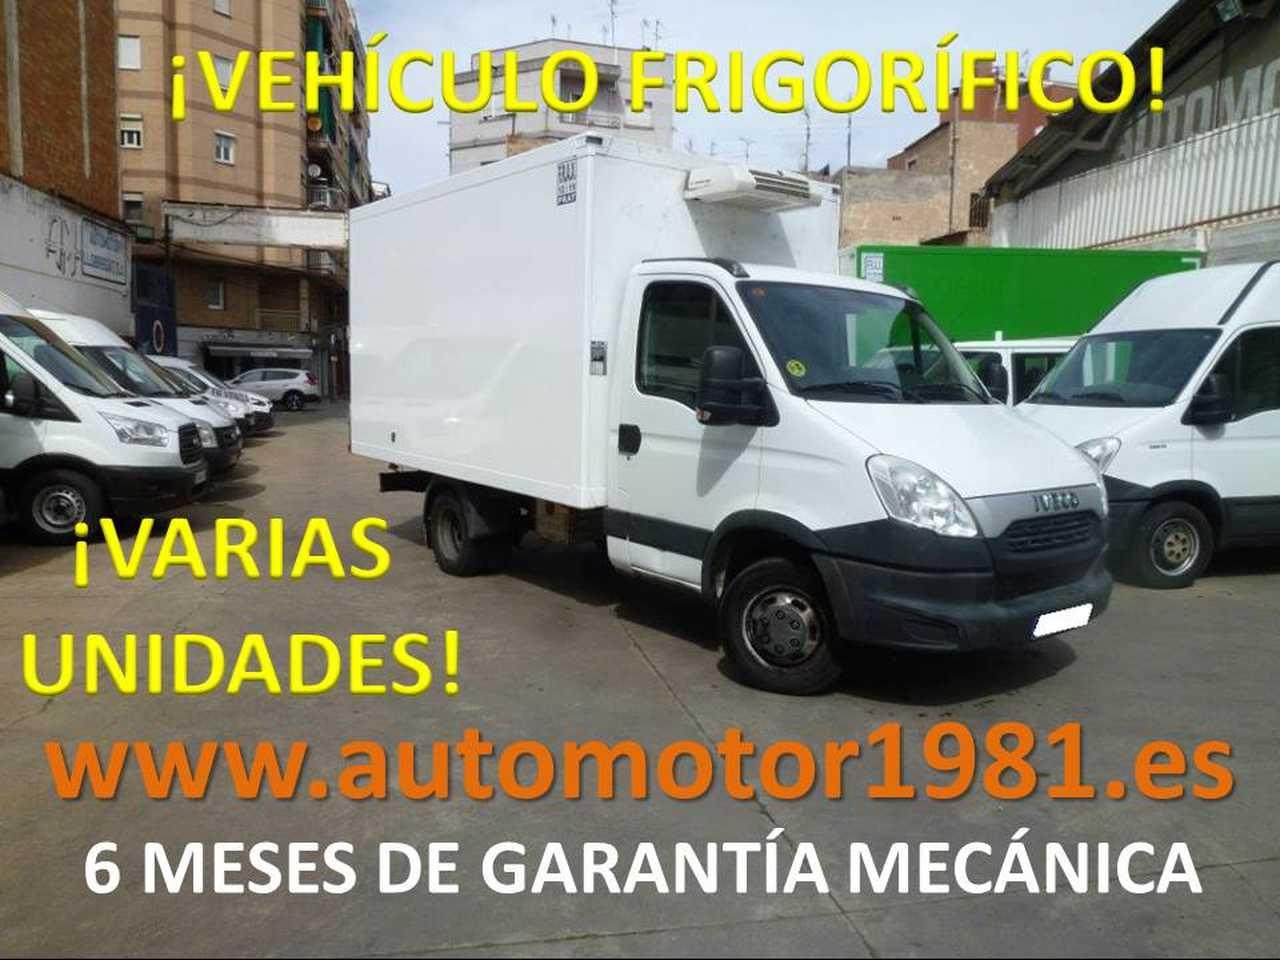 Iveco Daily 35C15 FRIGORIFICO - 6 MESES GARANTIA MECANICA  - Foto 1